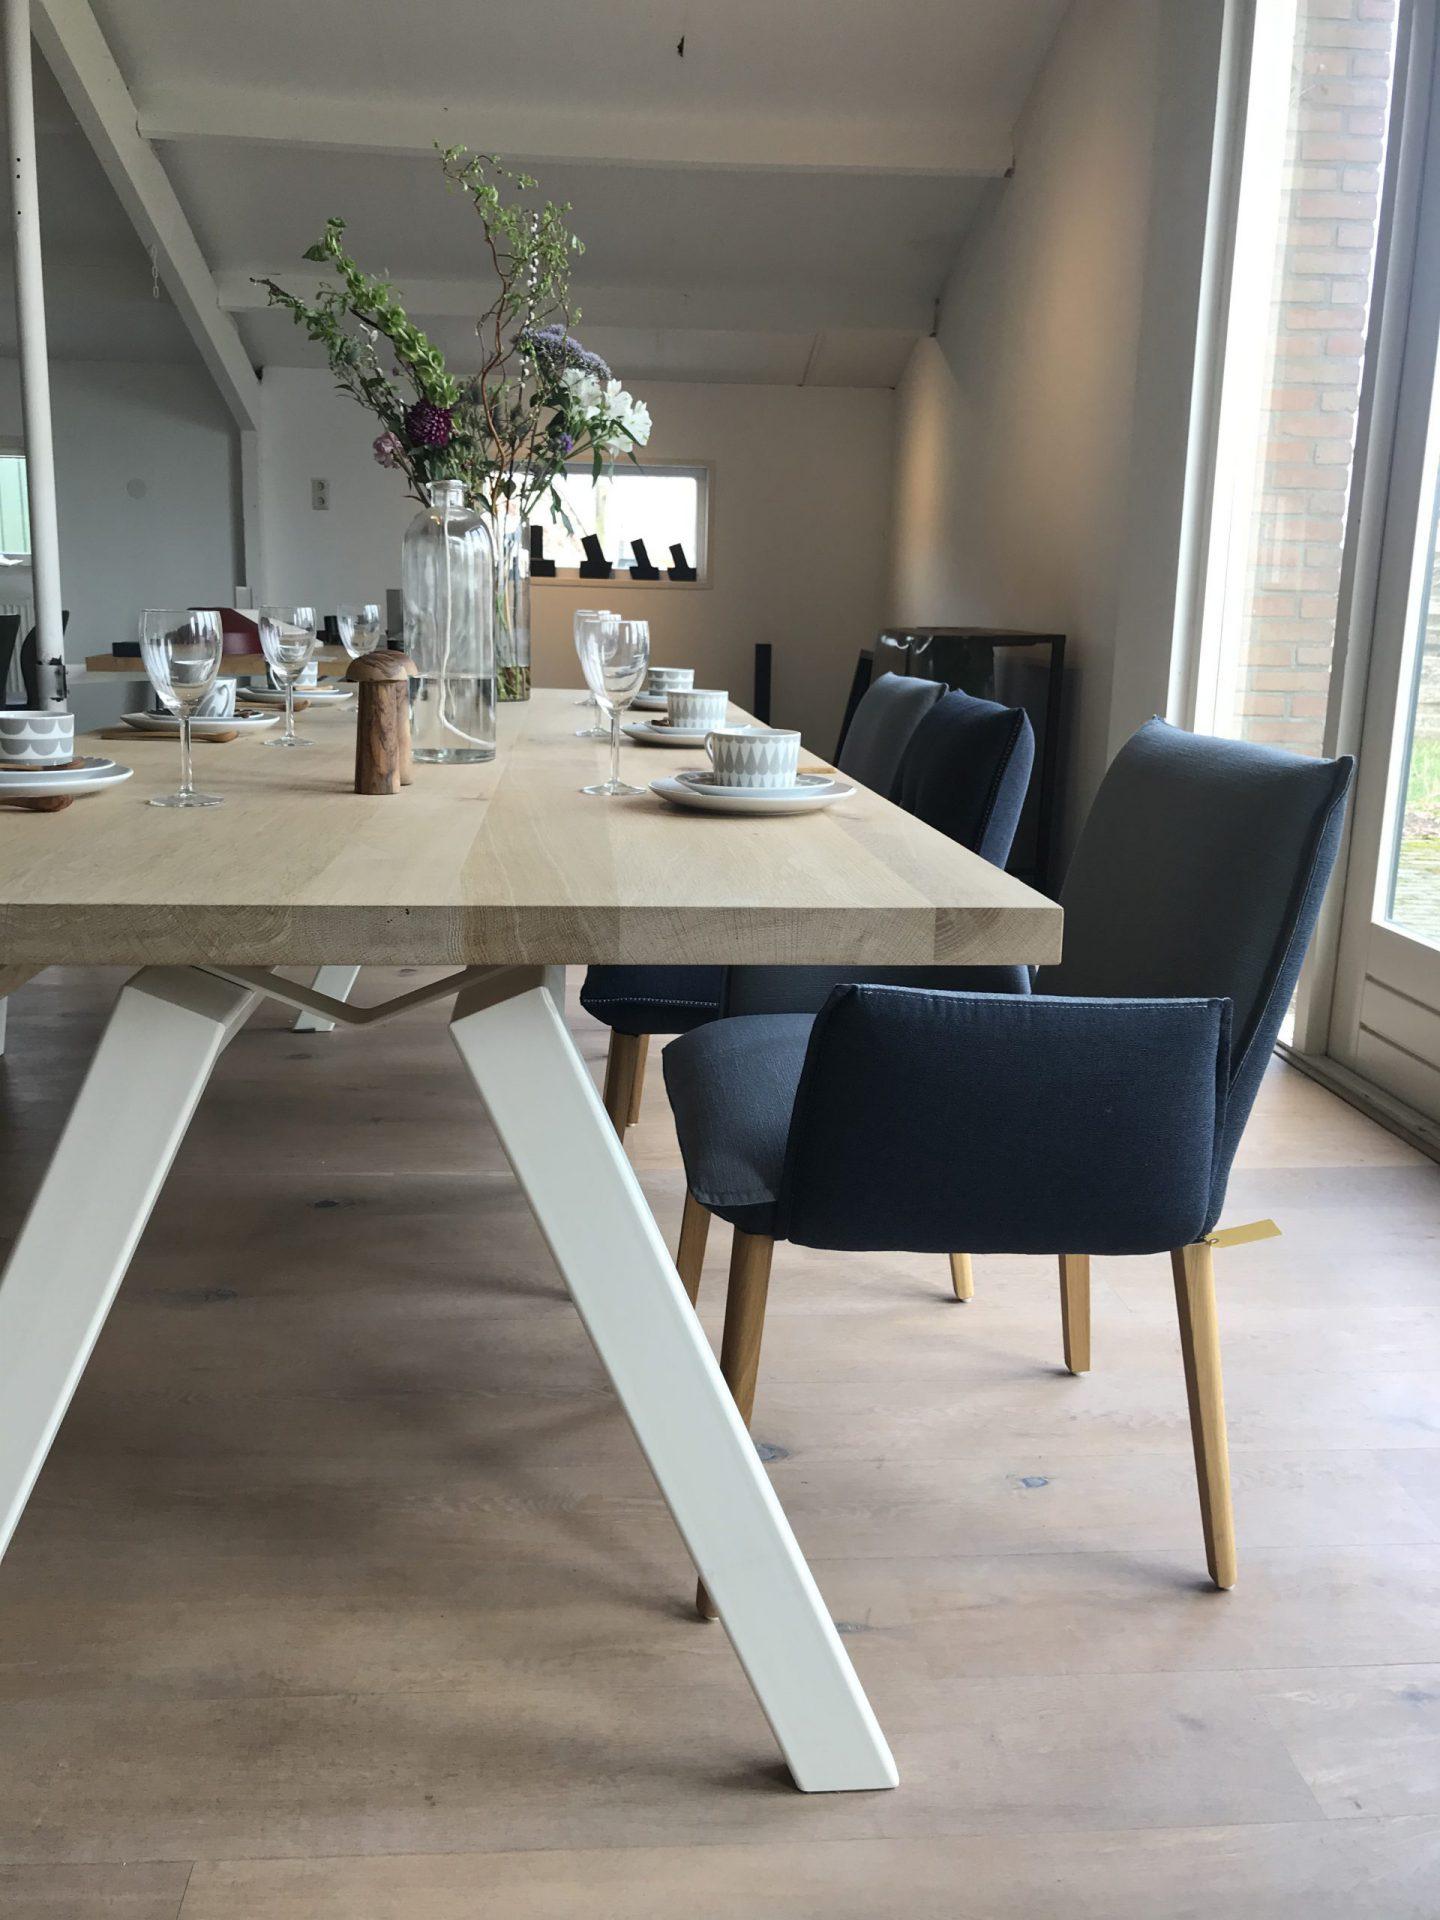 Eettafel wit metalen onderstel